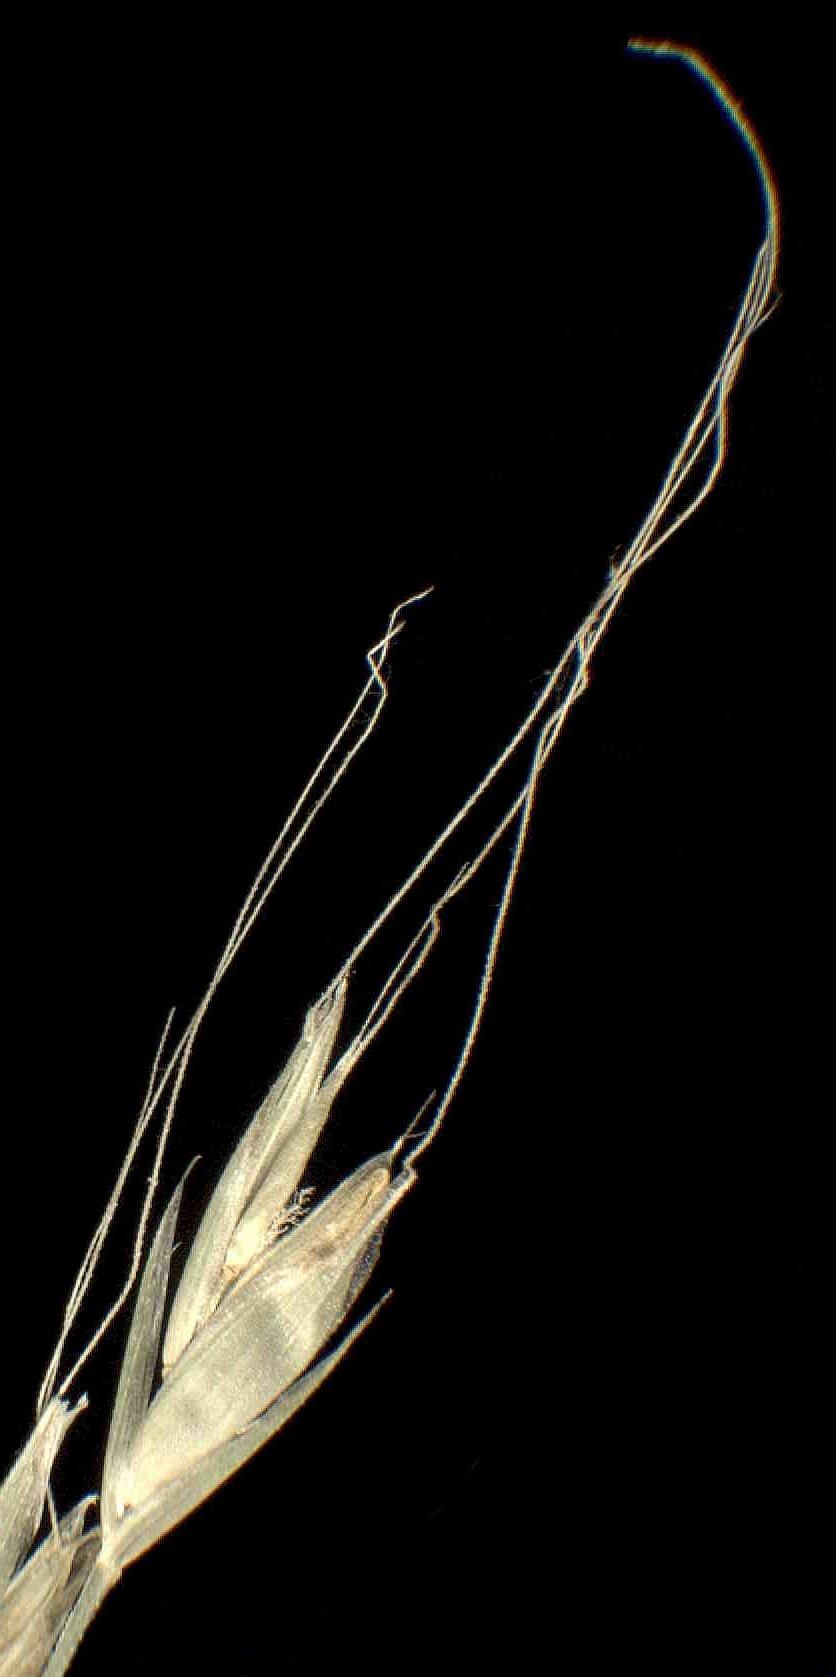 © Dipartimento di Scienze della Vita, Università degli Studi di Trieste<br>by Andrea Moro<br>Valli del Natisone, Vallata dell'Erbezzo, comune di San Leonardo, forre lungo il torrente Potoch., UD, FVG, Italia, 22/12/04 0.00.00<br>Distributed under CC-BY-SA 4.0 license.